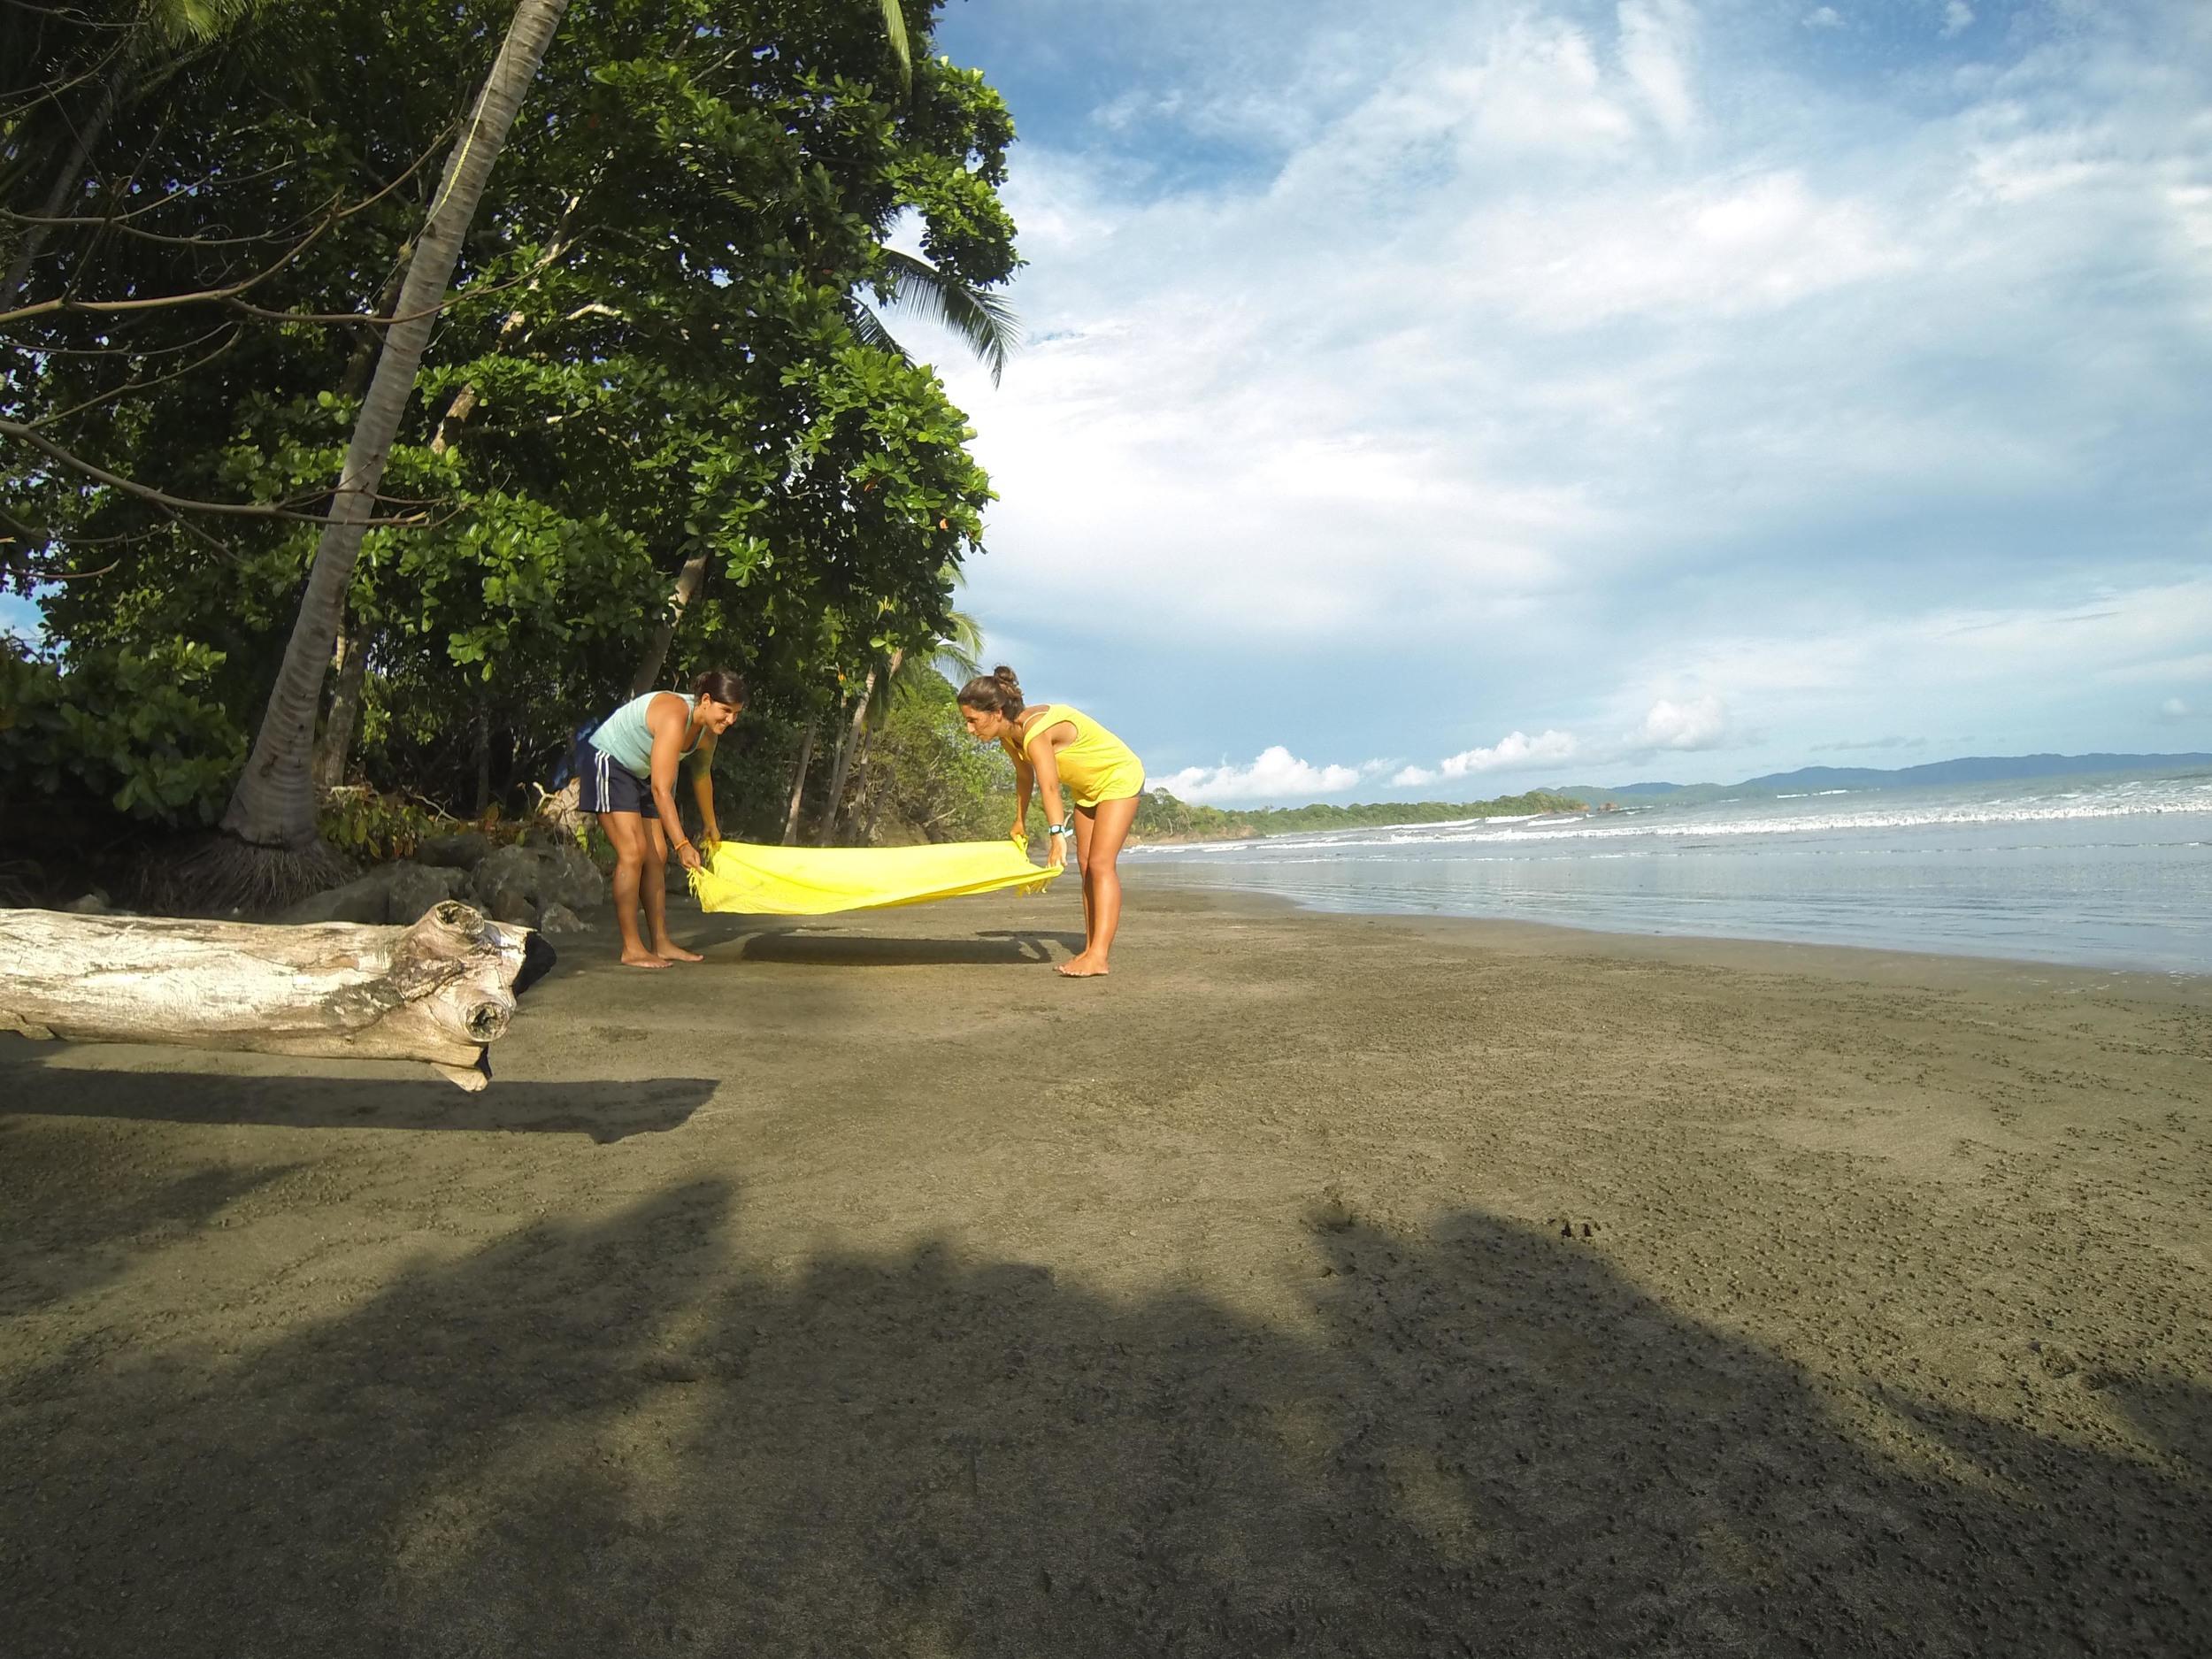 Na outra costa do Panamá, a areia já é mais escura e a cor da água também. Nem mais bonito, nem mais feio; apenas diferente. Cada local com suas particularidades!